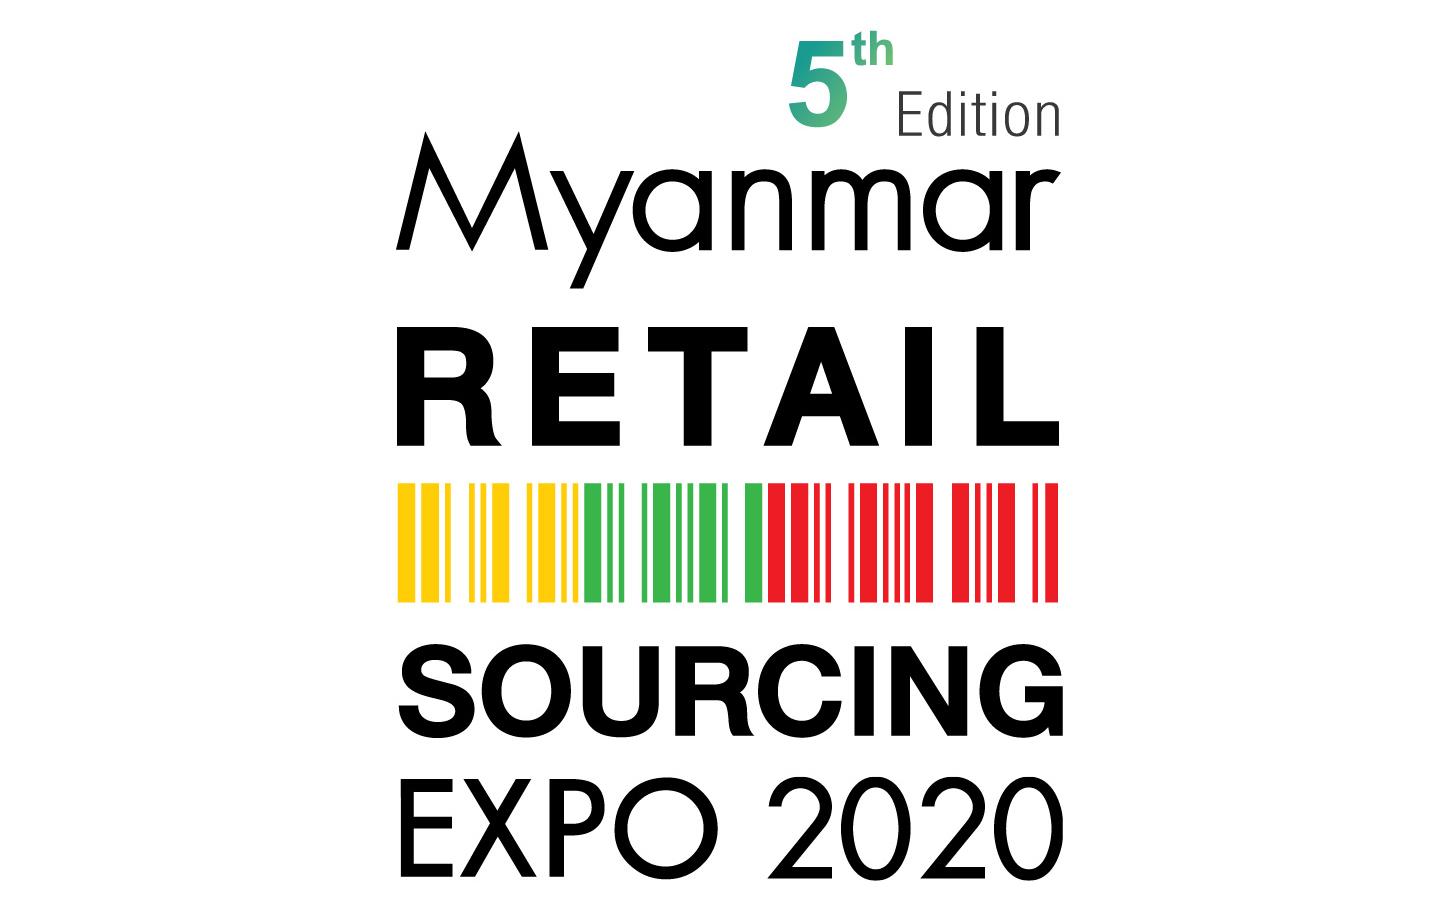 MYANMAR RETAIL EXPO